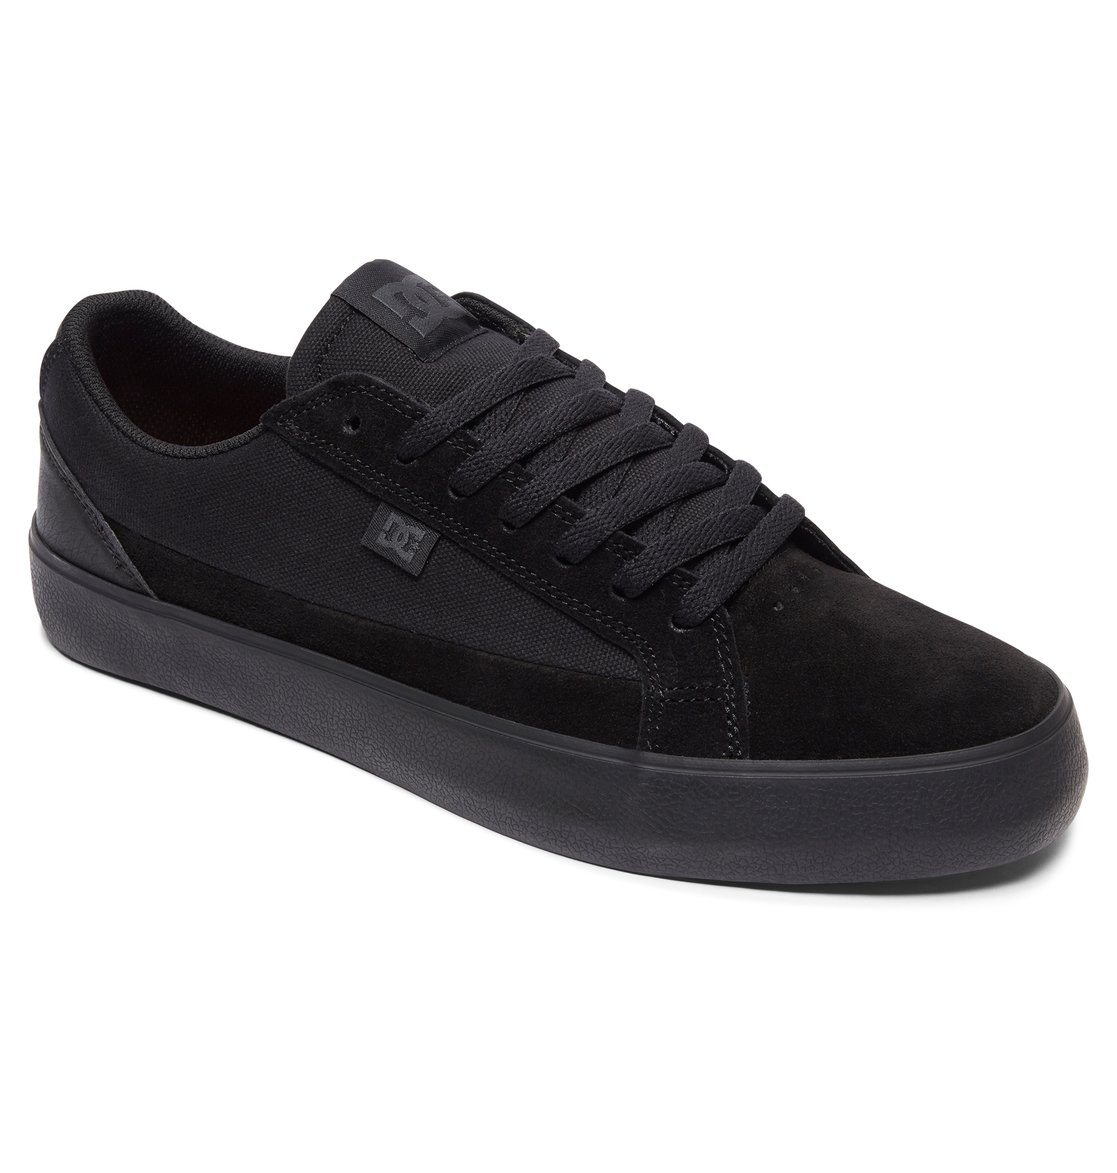 lynnfield s chaussures de skate pour homme adys300463 dc shoes. Black Bedroom Furniture Sets. Home Design Ideas